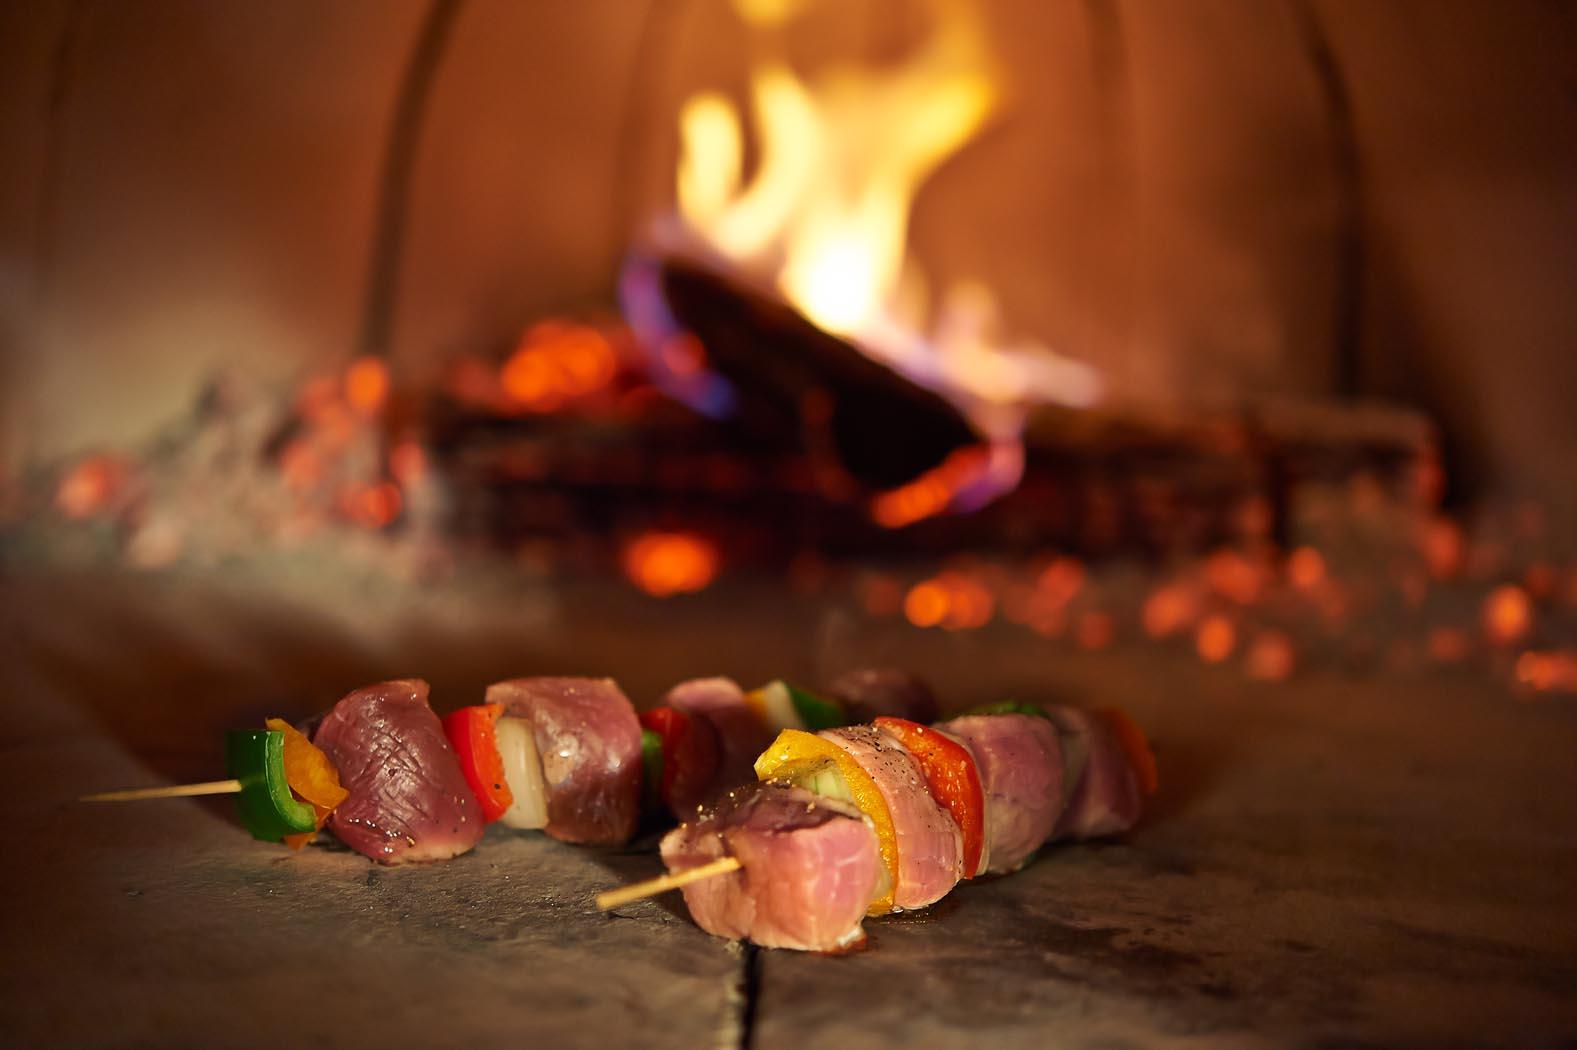 Comment faire des brochettes au feu de bois recette facile le panyol - Brochettes aperitives sans cuisson ...